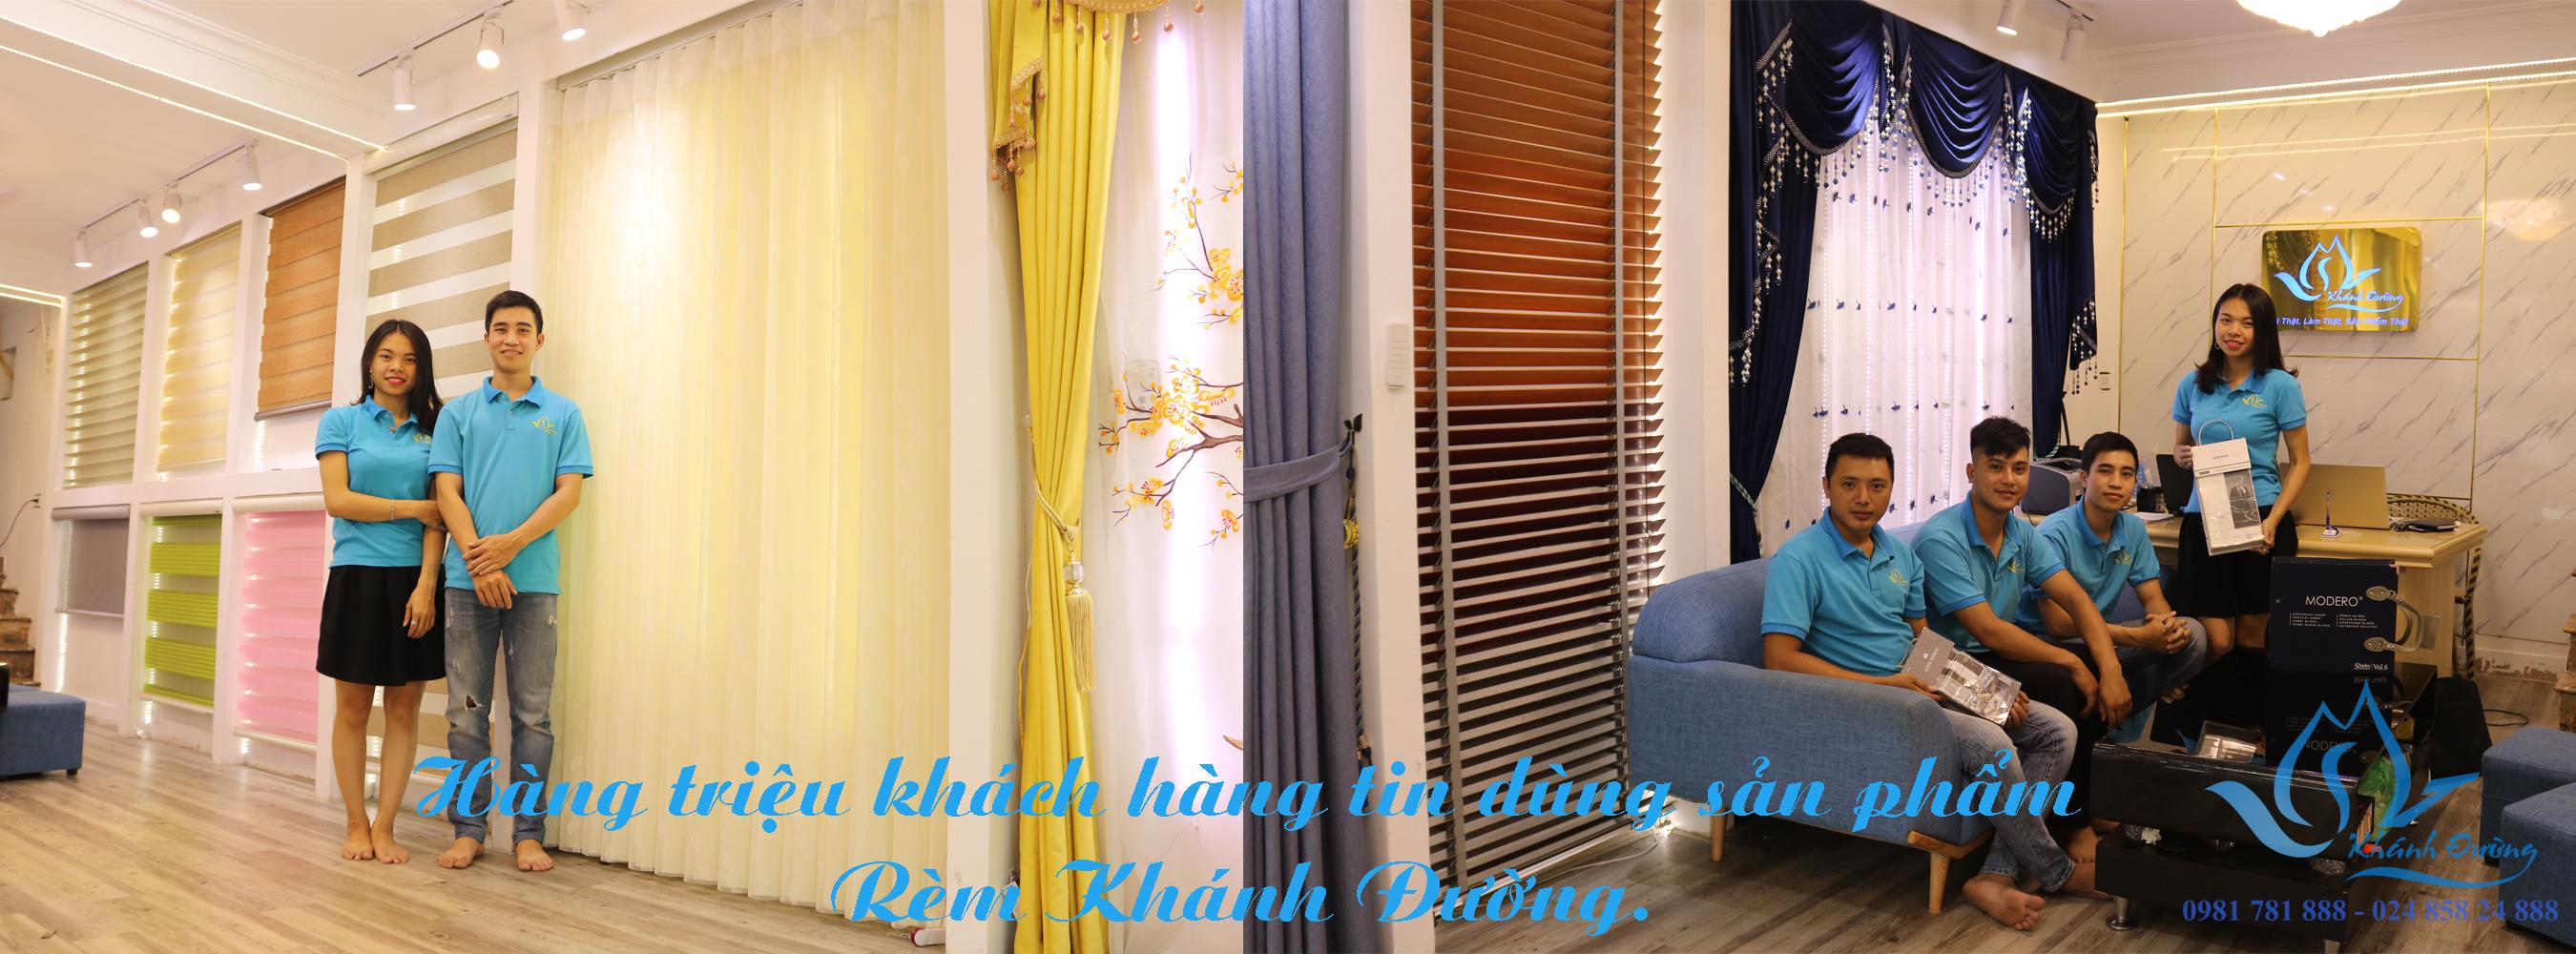 Rèm Khánh Đường là một địa chỉ uy tín để mua rèm với giá hợp lý